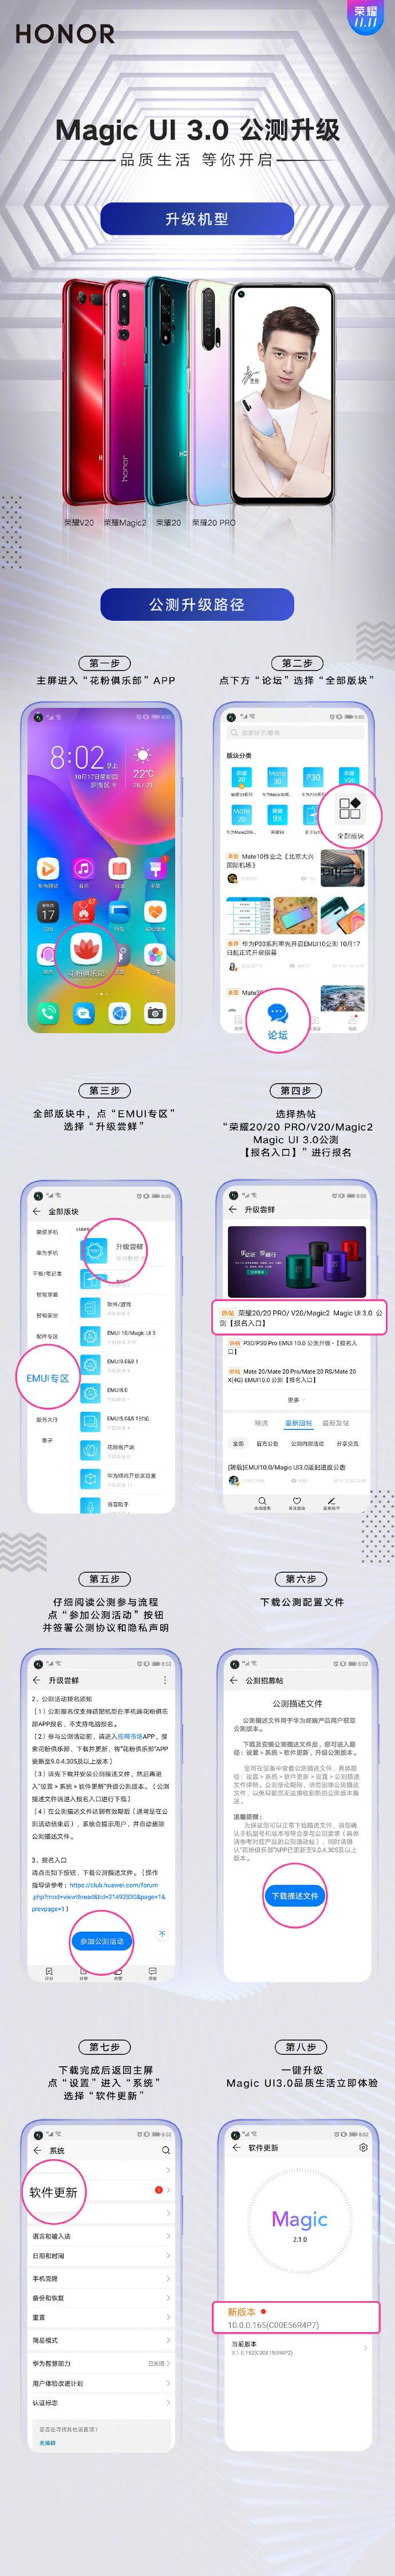 荣耀正式启动Magic UI 3.0升级公测申请-玩懂手机网 - 玩懂手机第一手的手机资讯网(www.wdshouji.com)